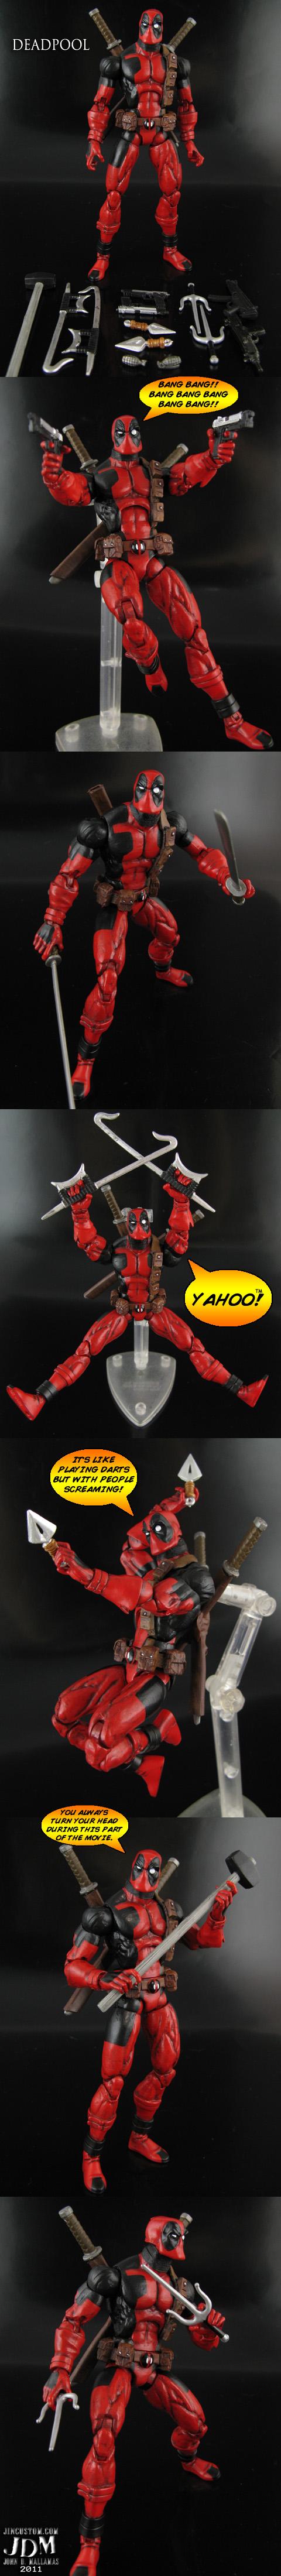 Custom Deadpool Figure